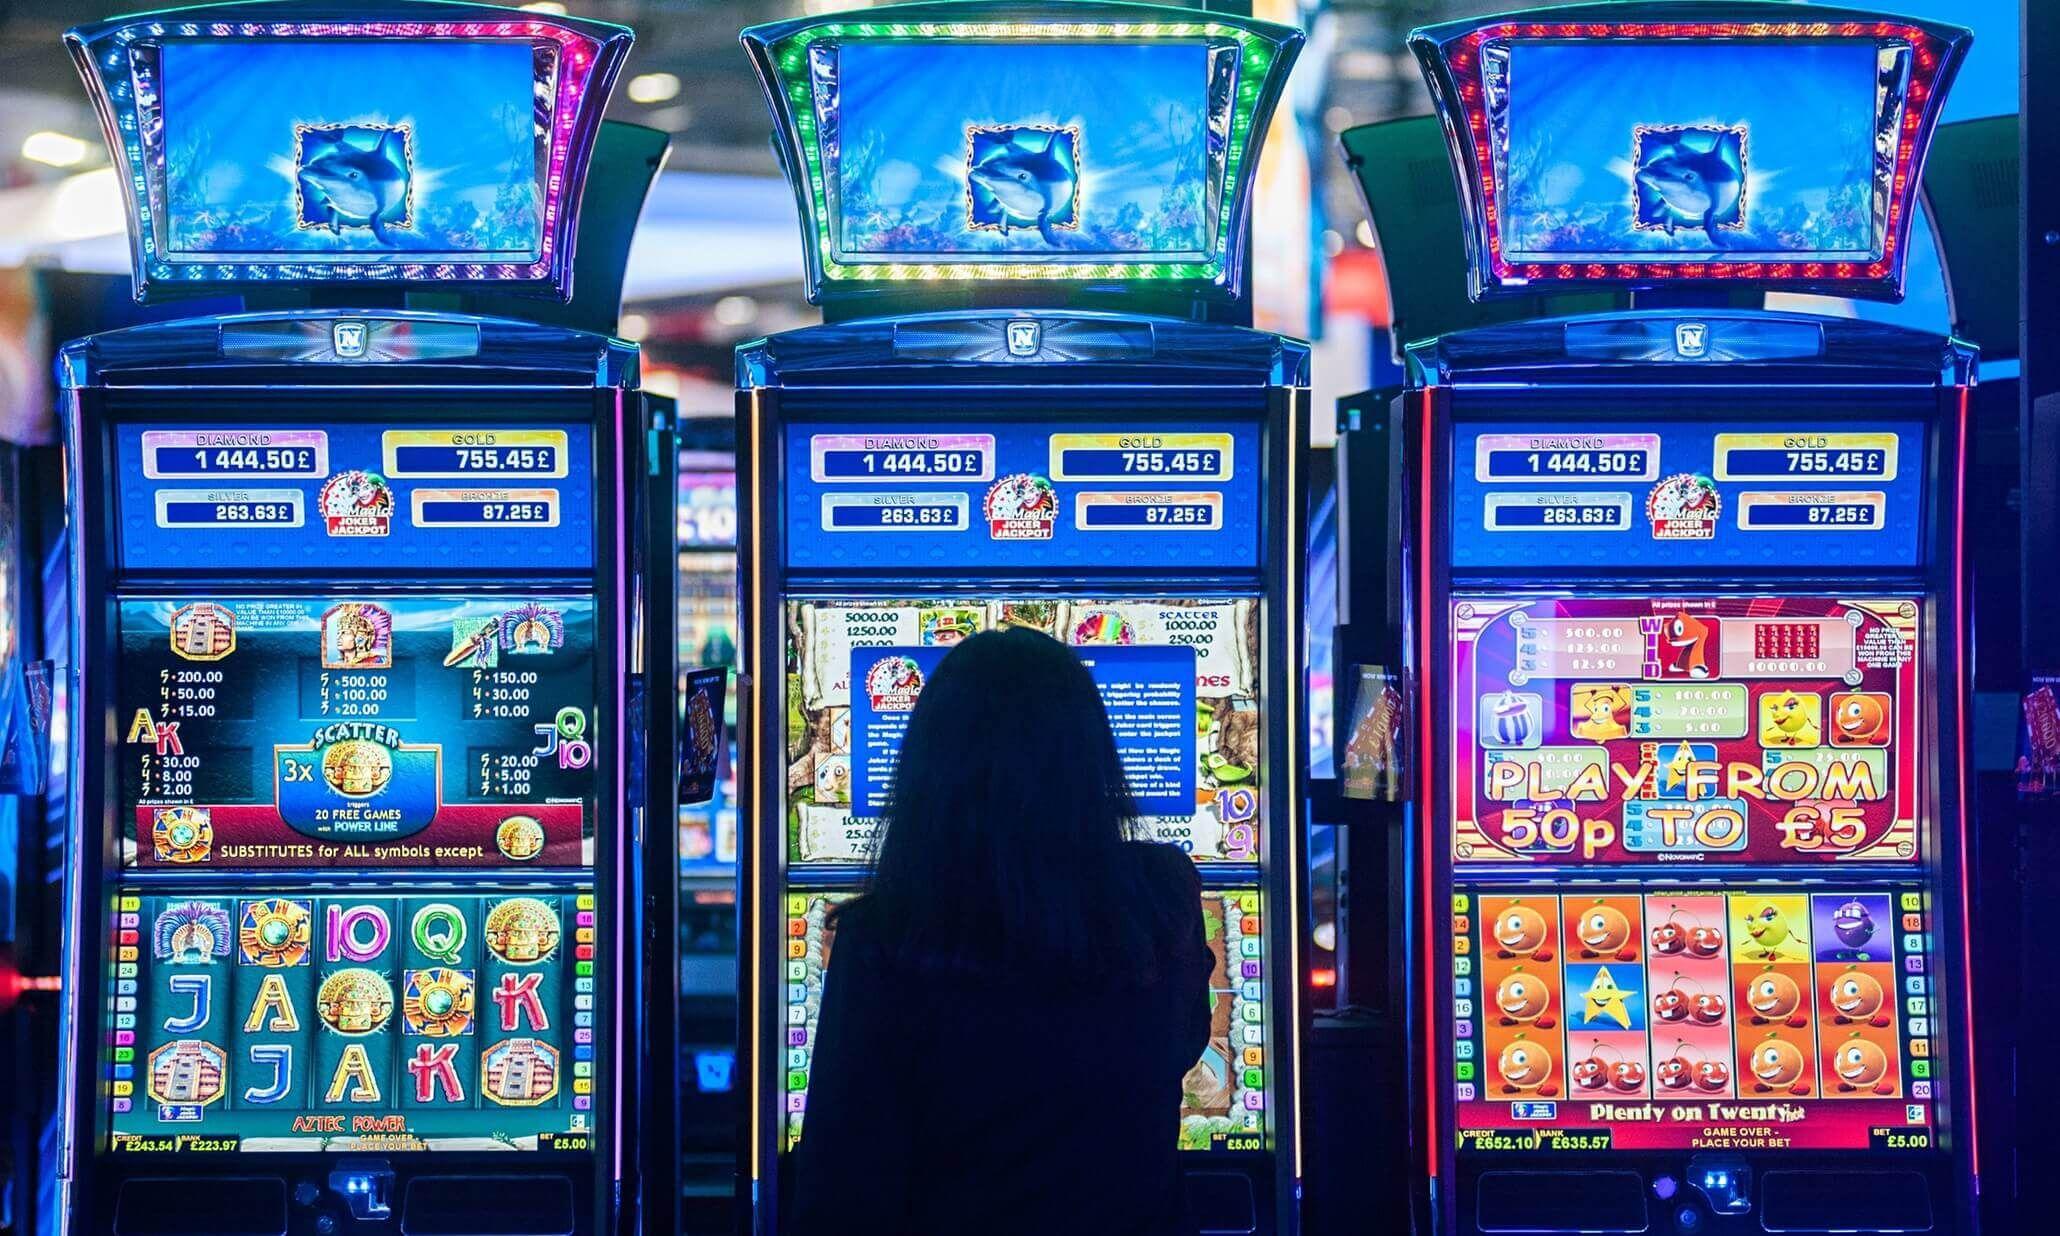 виртуальная игровые автоматы играть бесплатно